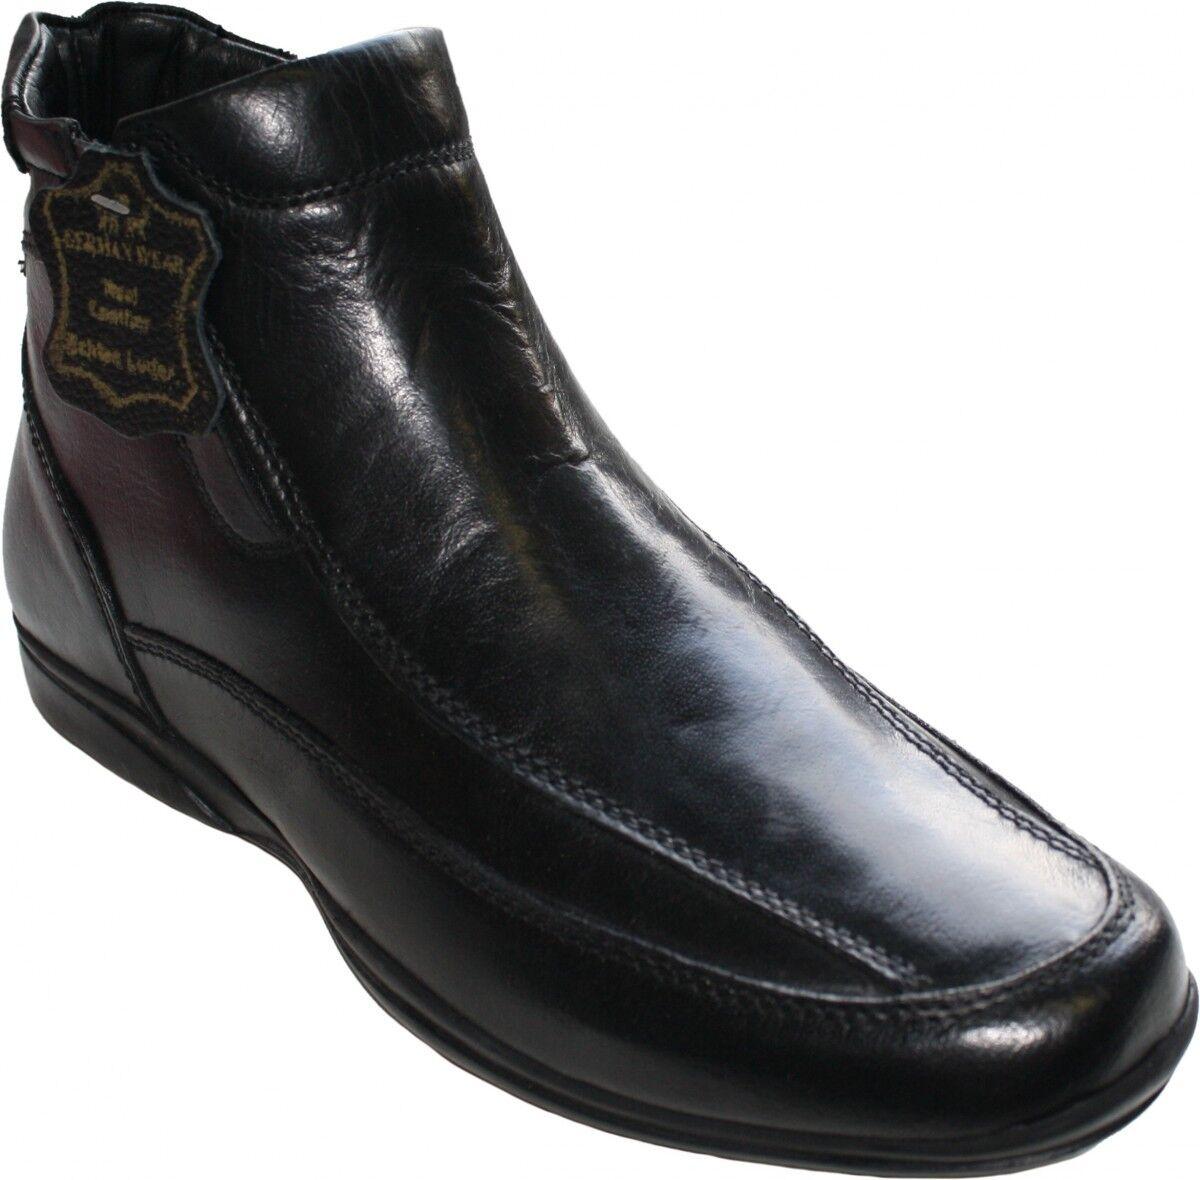 German Wear, SchnürZapatos Zapatos Stiefeletten aus echtem Rindsleder Zapatos SchnürZapatos Negro e99bf9